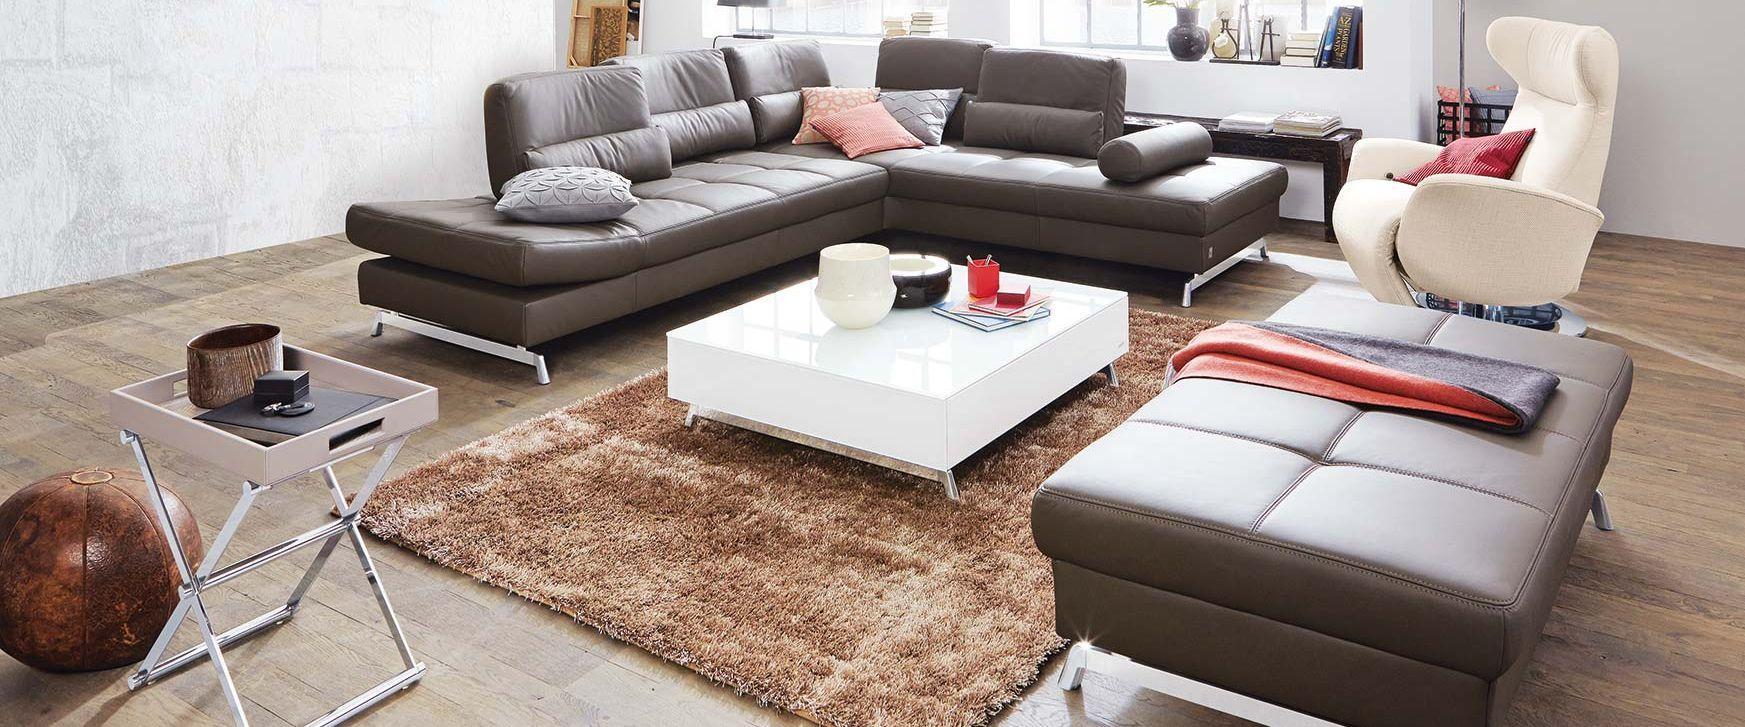 Joop! Möbel kaufen bei - spilger.de